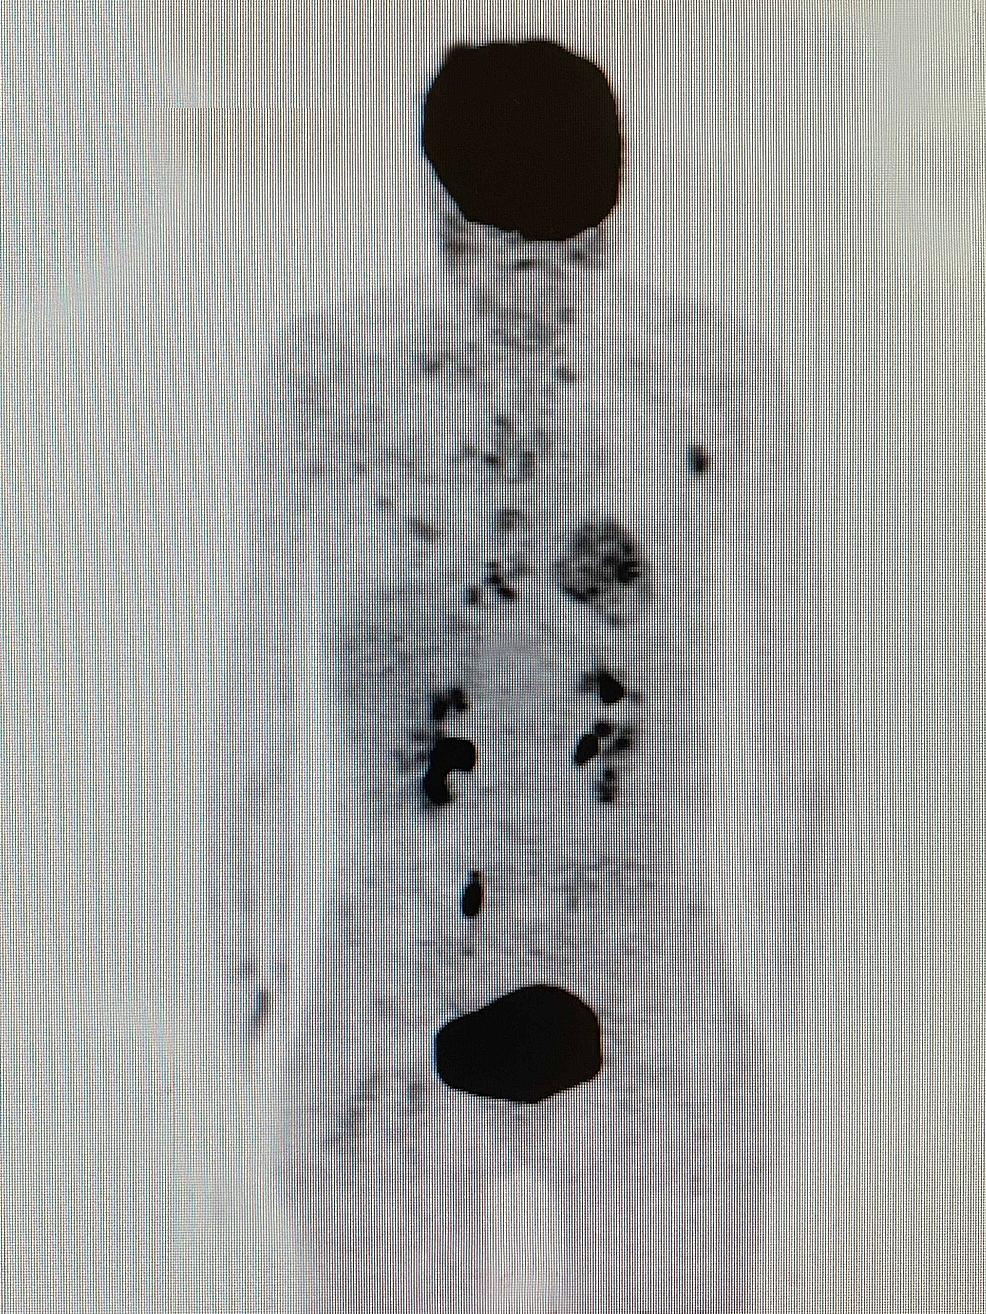 Whole-body- (18F) -FDG-PET-CT-scan-done-done-after-four-cycles-of-MSCT, -KD, -HT, -and-HBOT-treatment- (16 ianuarie -2019) - prezentarea-unui-răspuns-parțial-la-tratamentul-leziunilor-hepatice-metastatice-și-LAP-axilare-stânga-și-răspuns-complet-la-tratament-la-toate-celelalte-leziuni